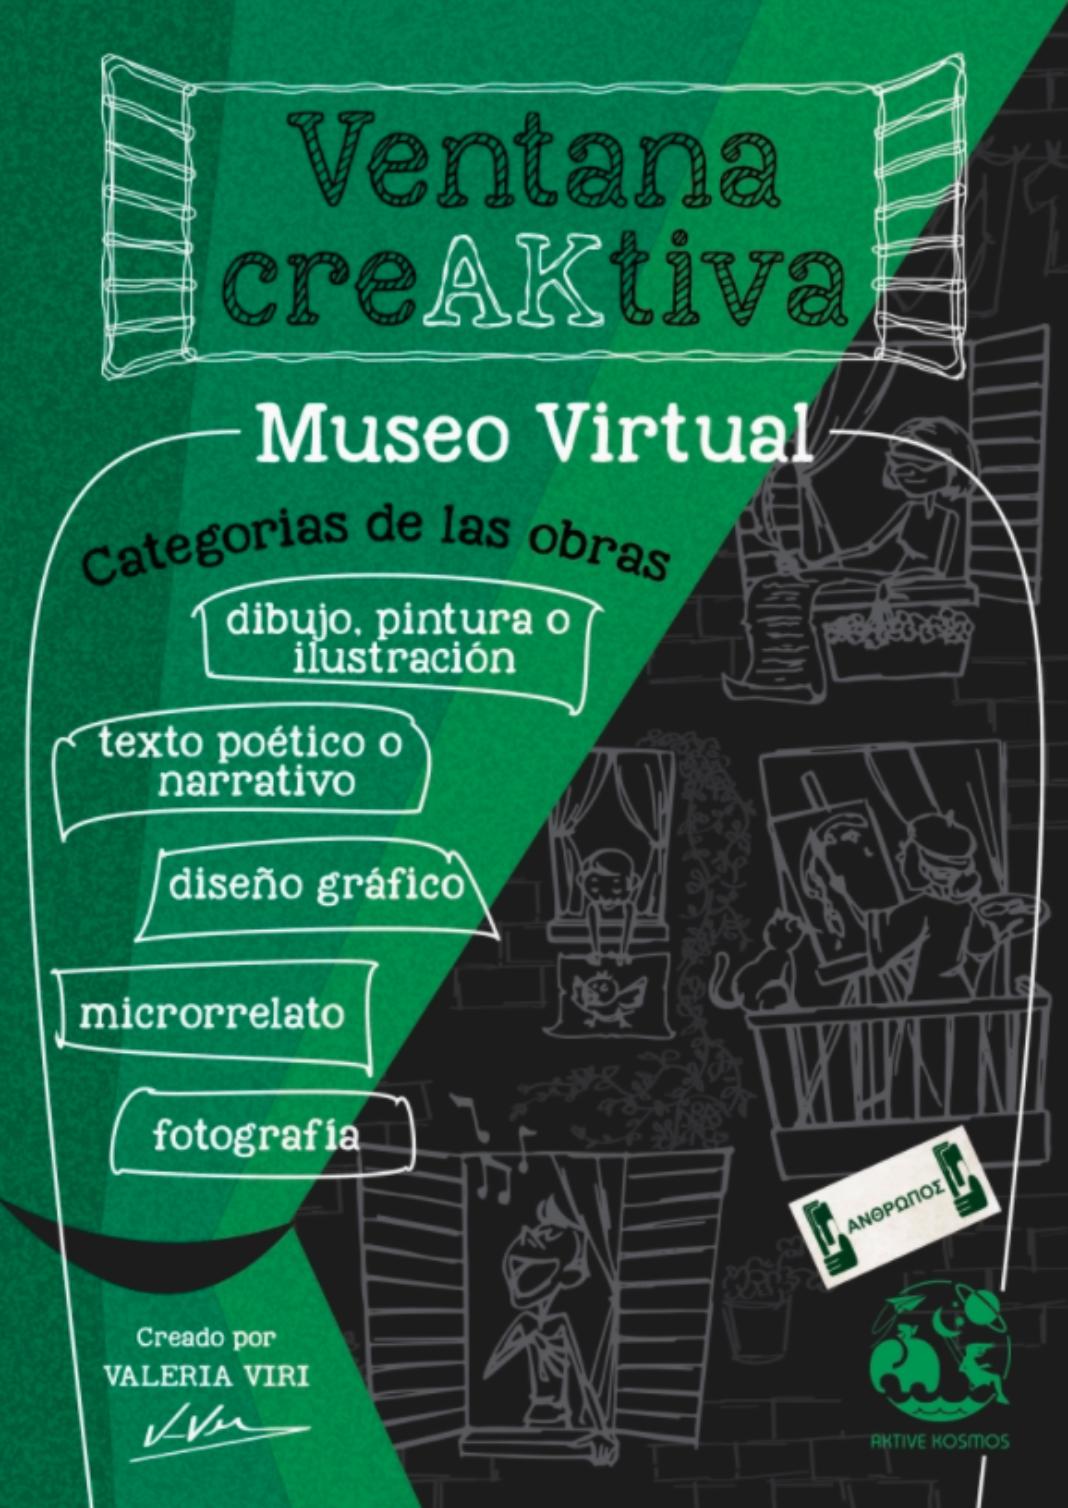 Aktive Kosmos presenta un museo virtual con la participación de 52 artistas de 7 países 7